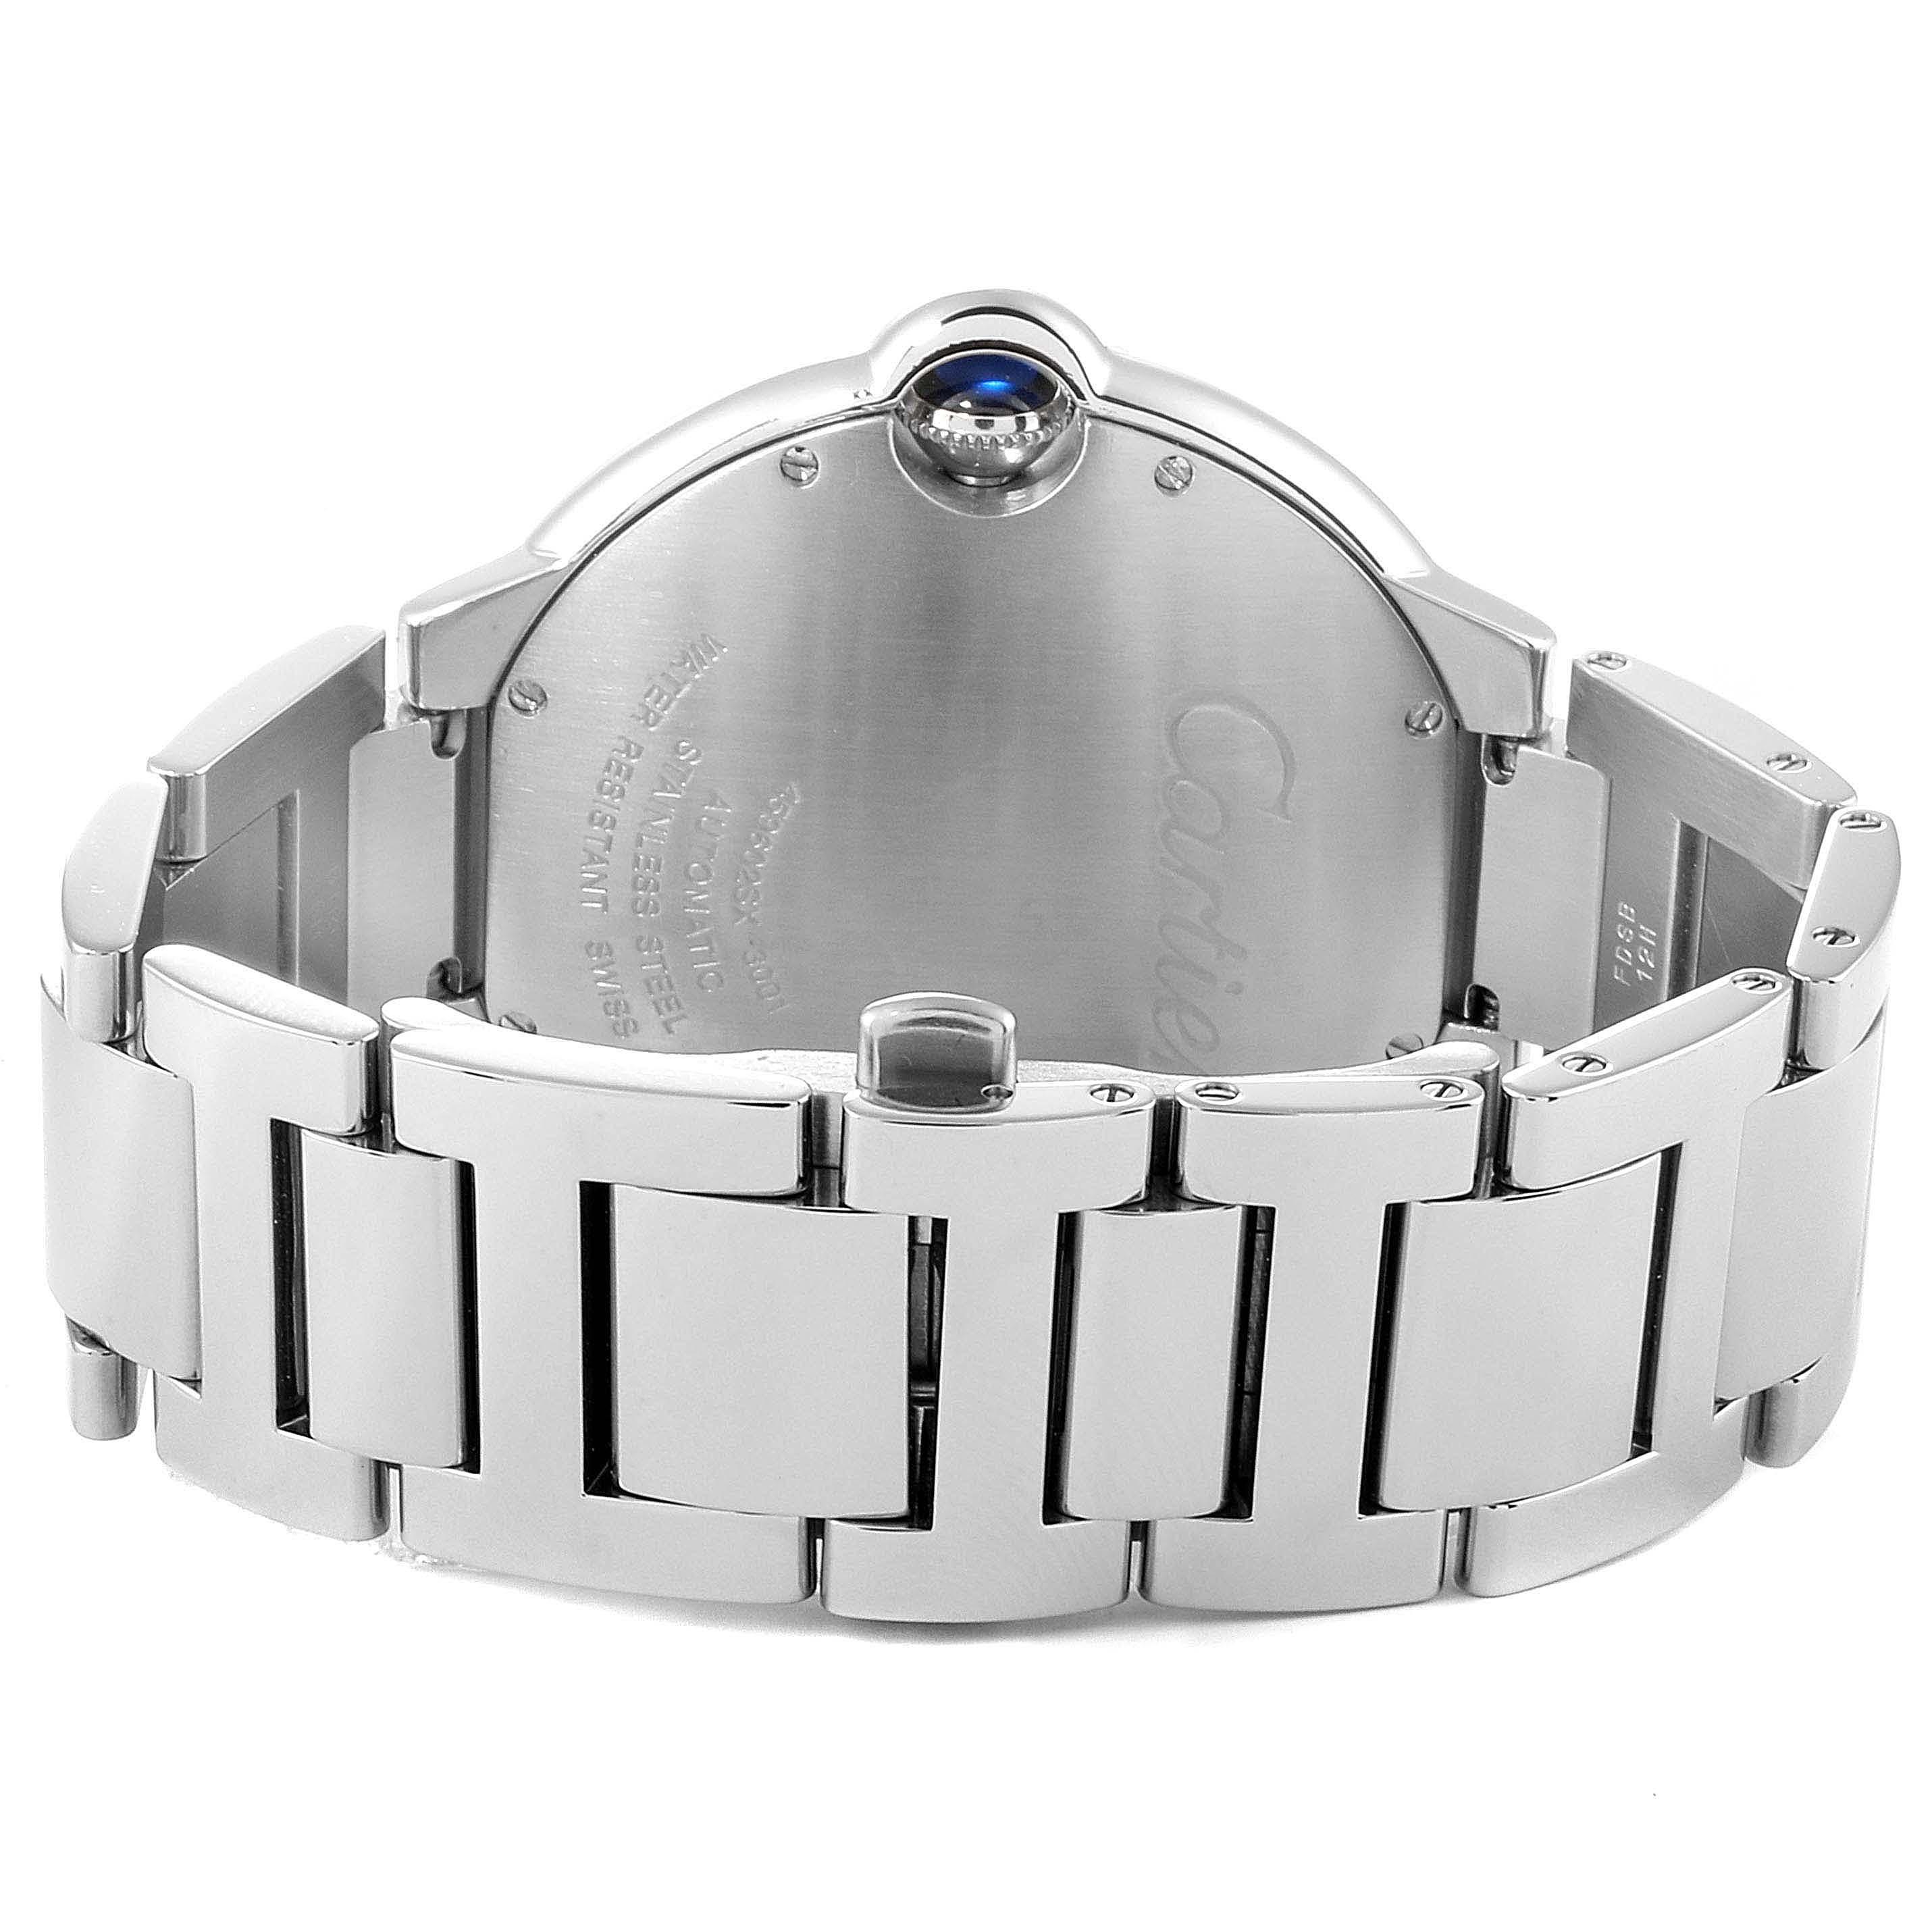 Cartier Ballon Bleu 42 Silvr Dial Automatic Steel Mens Watch W69012Z4 SwissWatchExpo